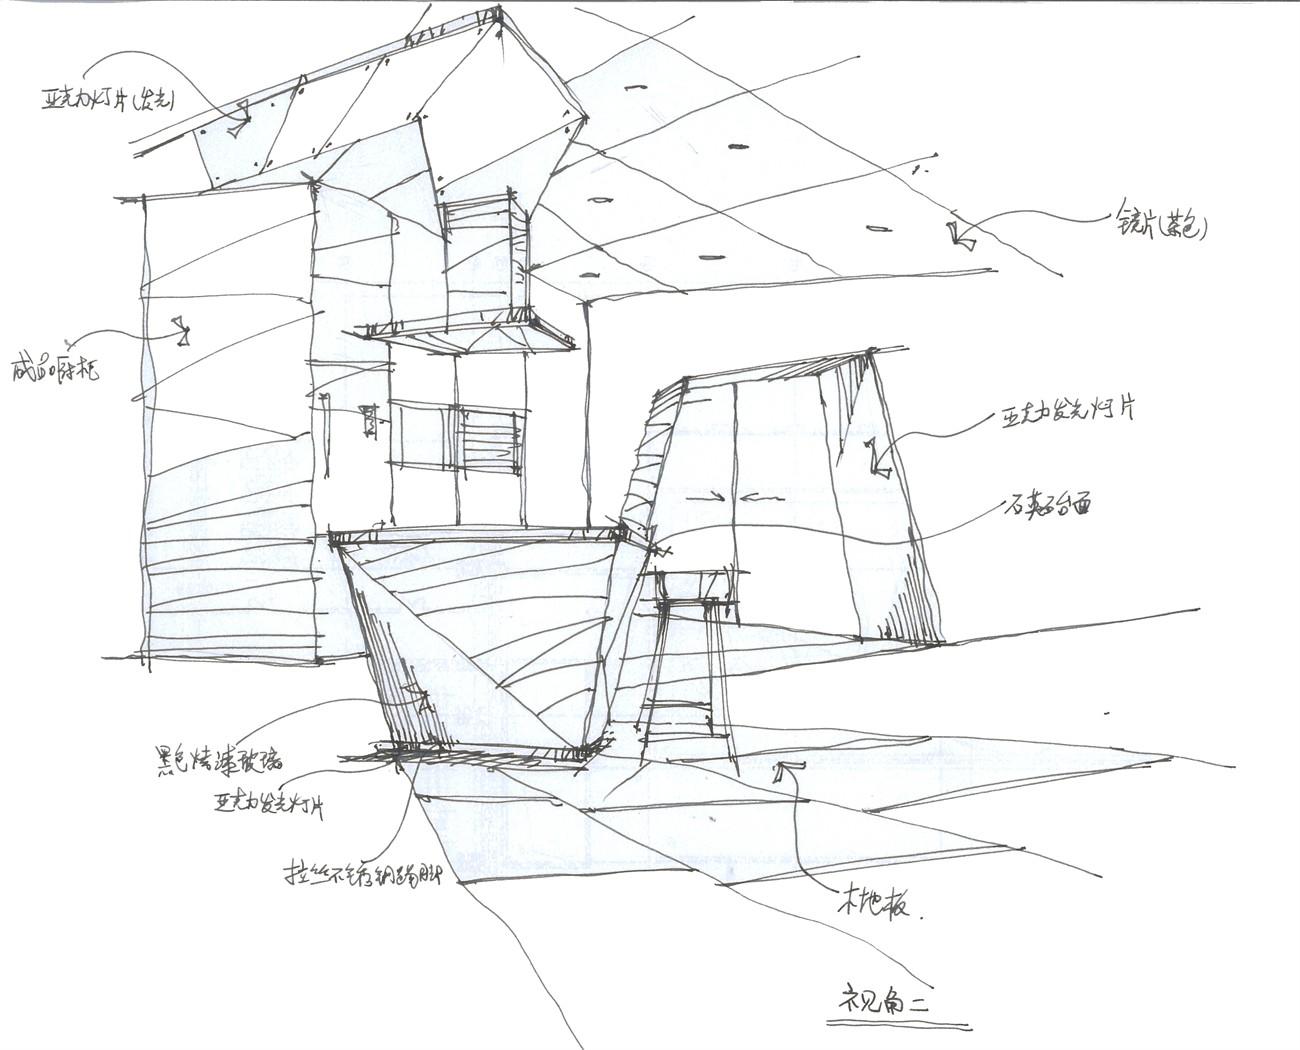 家用电器展示设计手绘